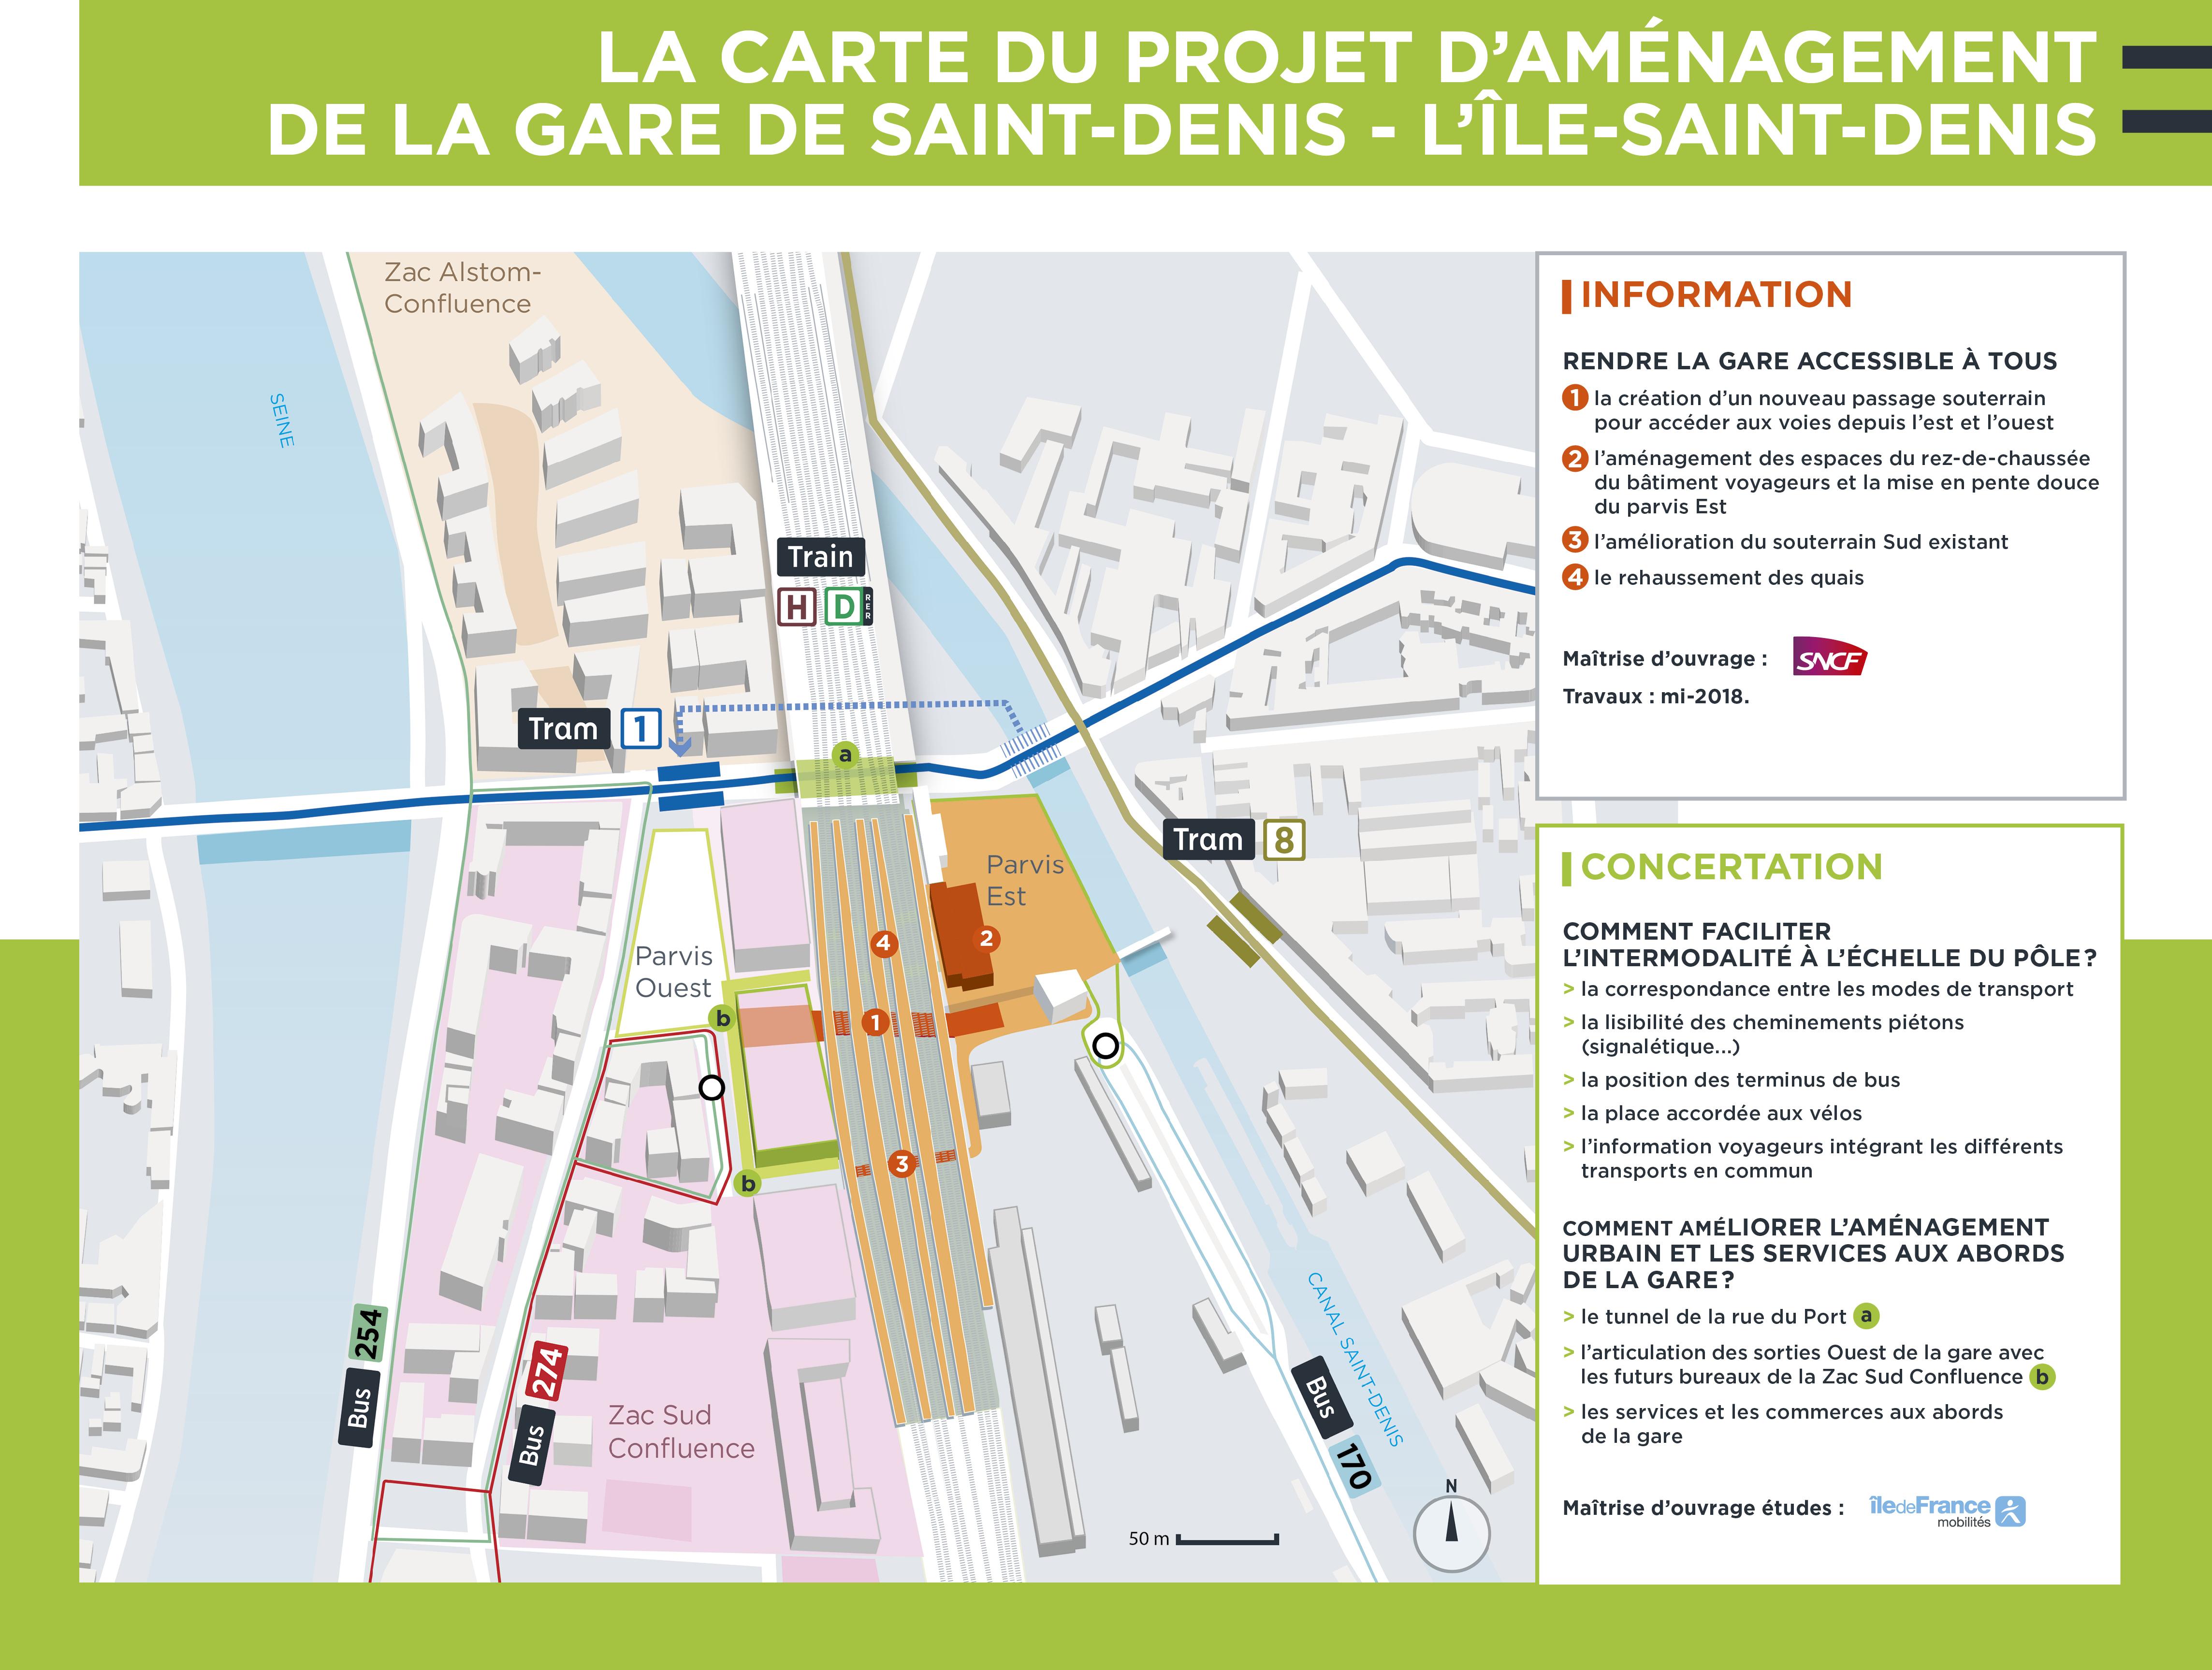 Gare de Saint-Denis - carte du projet